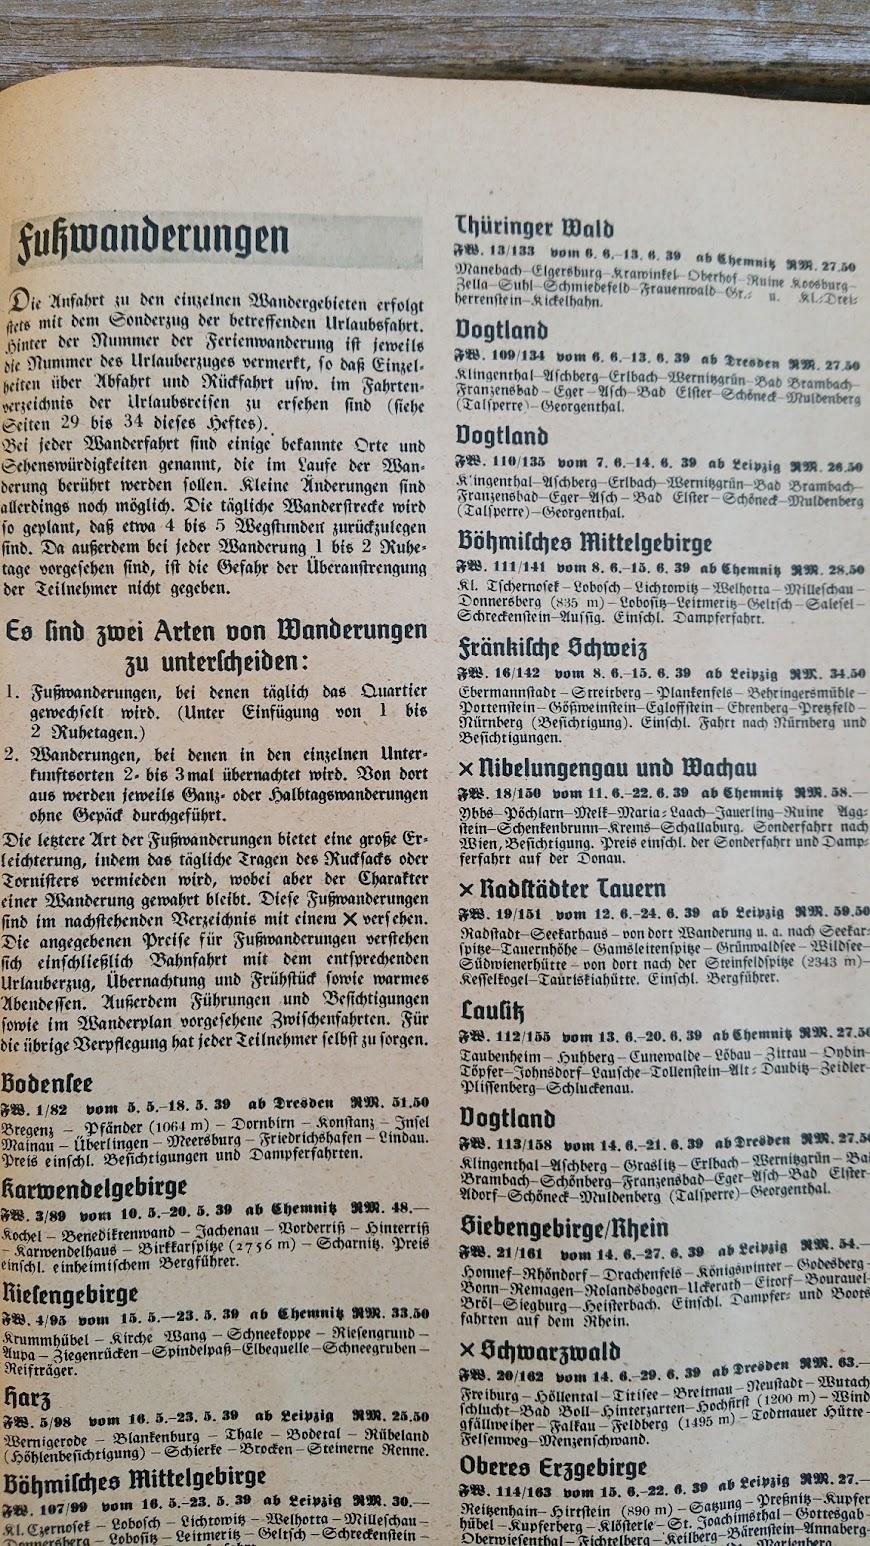 """Die Deutsche Arbeitsfront - Urlaubsfahrten 1939 - NS-Gemeinschaft """"Kraft durch Freude"""" Gau Sachsen - Katalog - Fußwanderungen"""